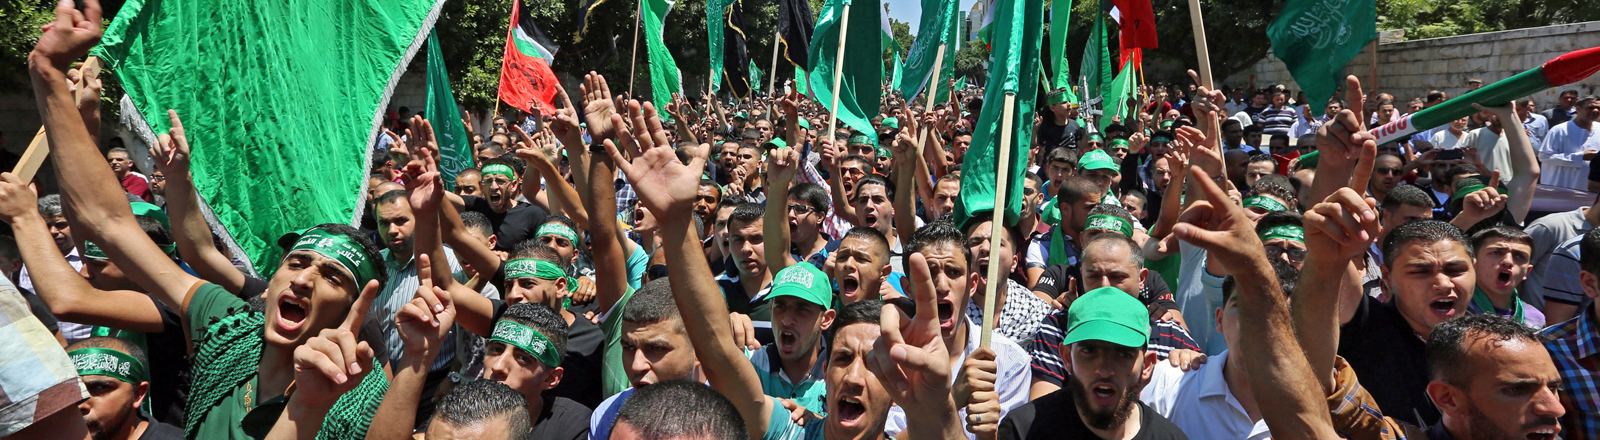 Palästinenser im Westjordanland demonstrieren am 01.08.2014 gegen Isreal.